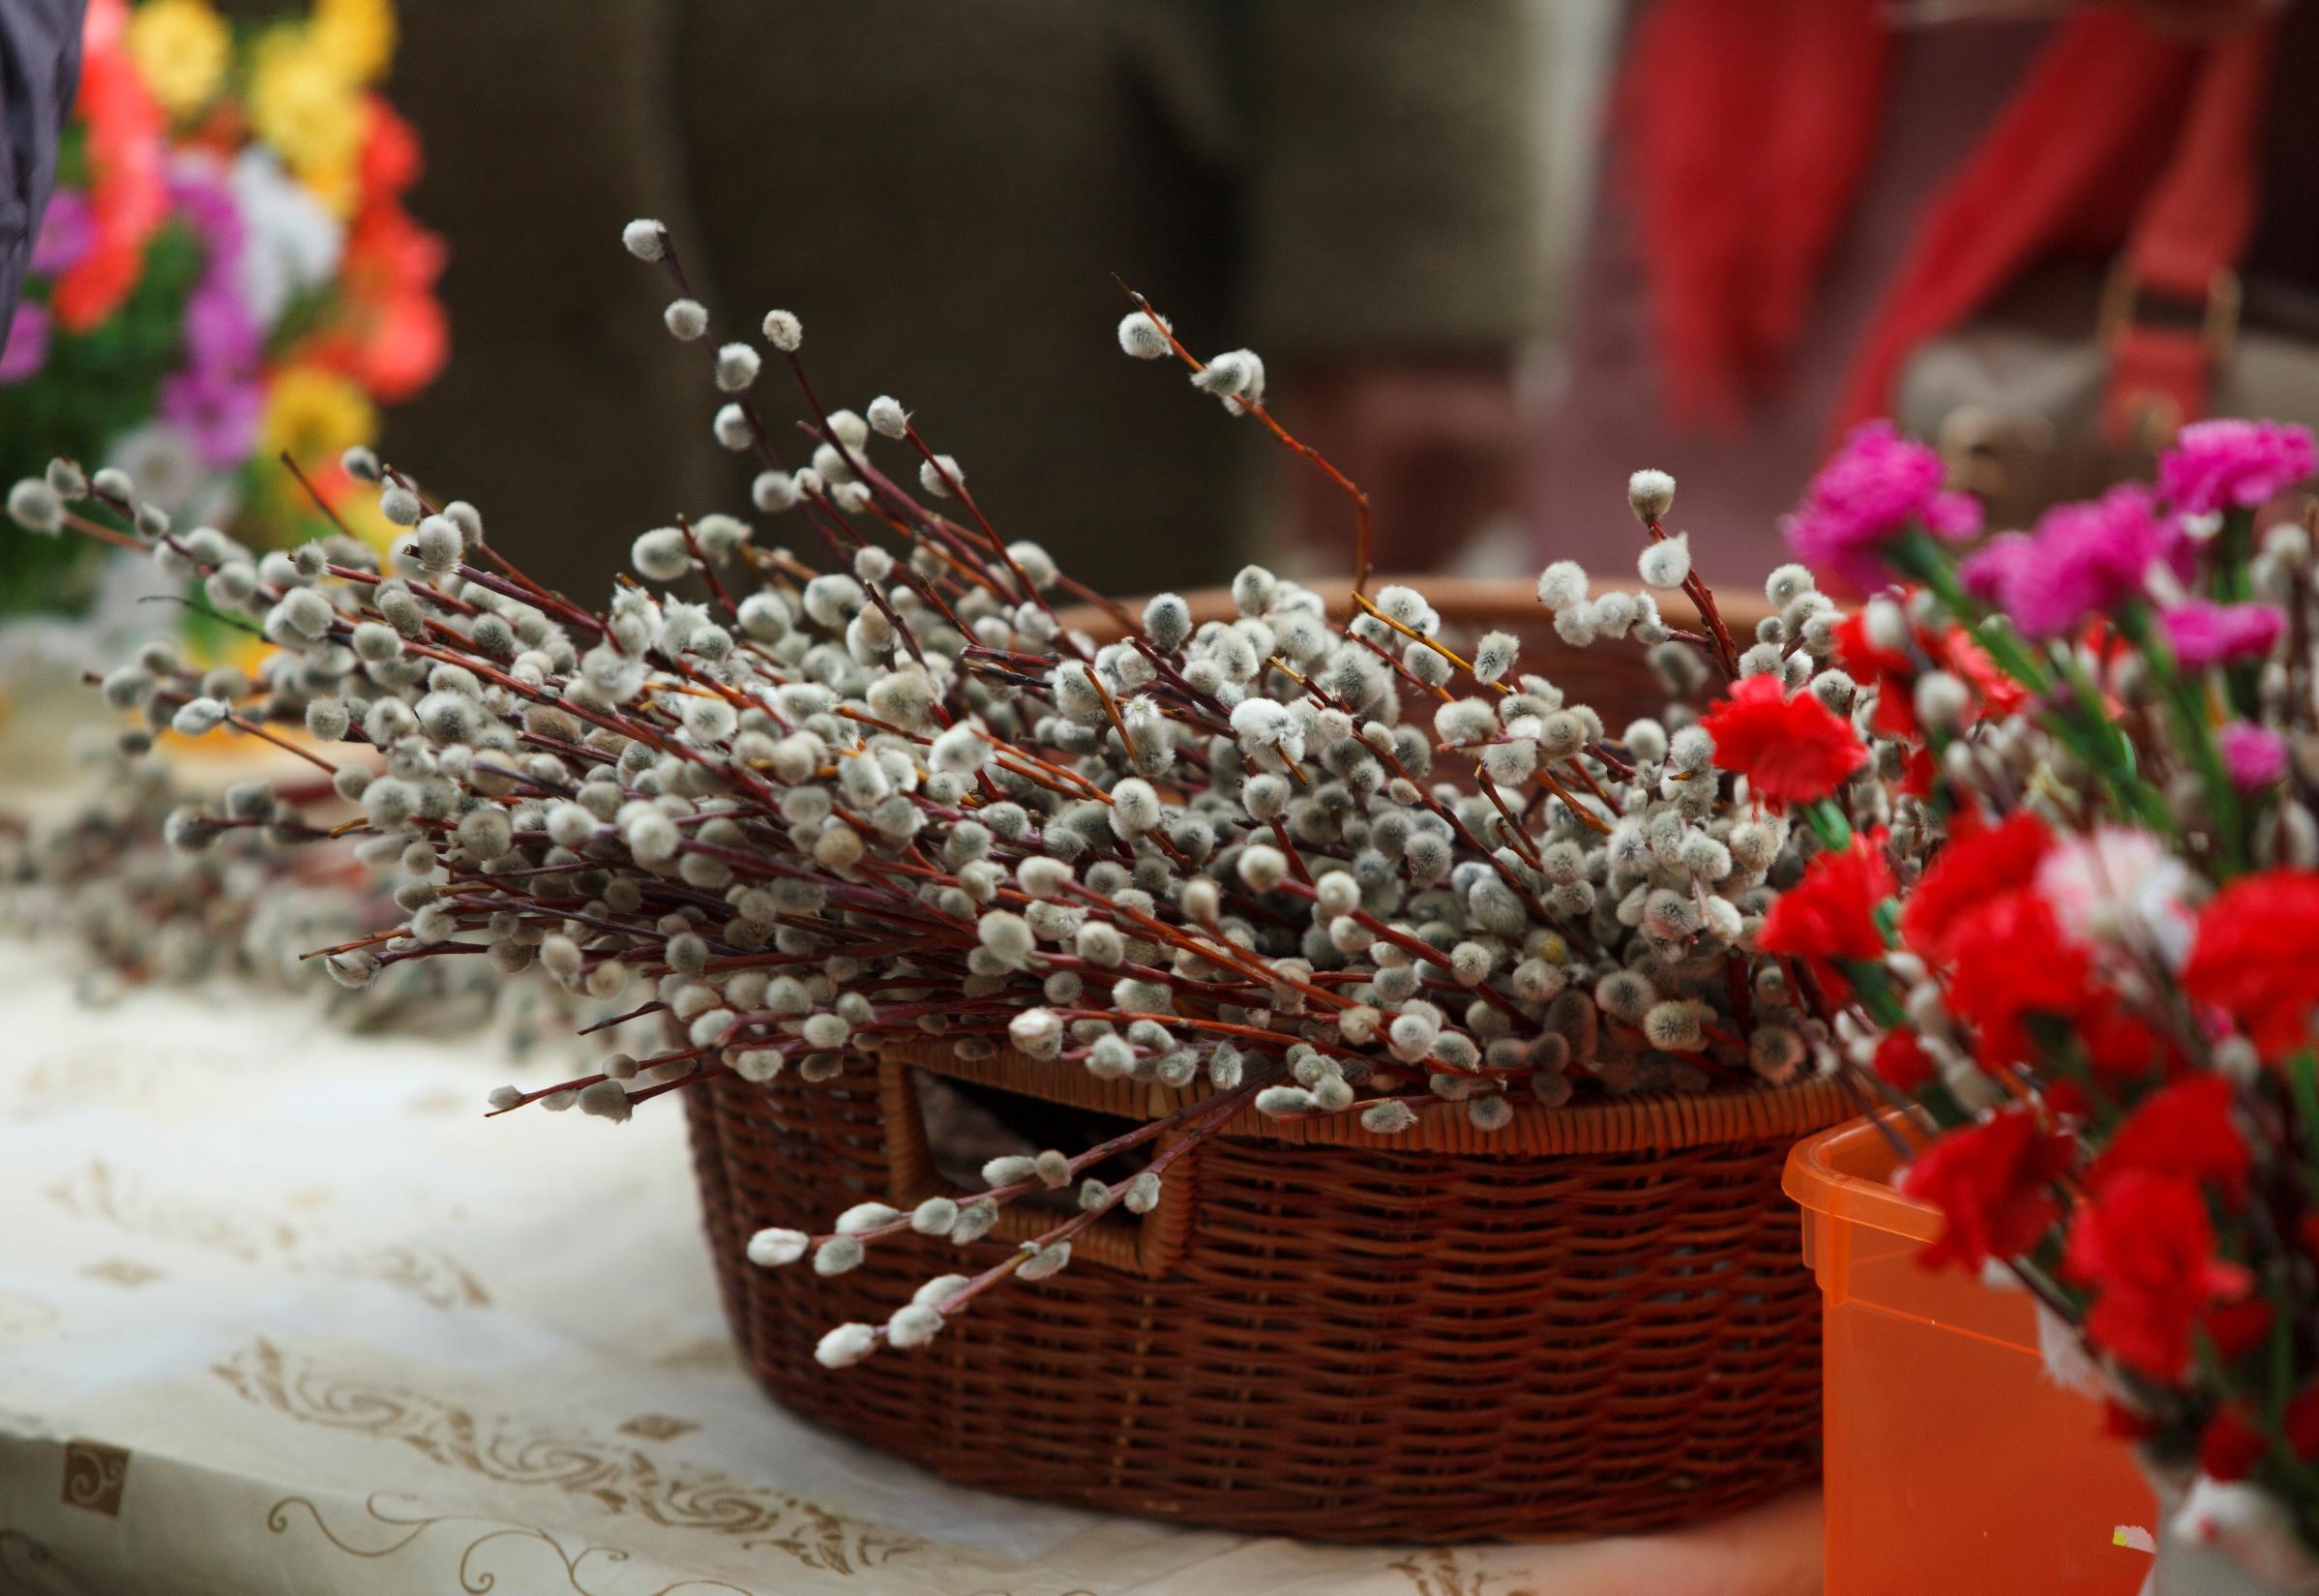 12 апреля православные верующие отмечают Вербное воскресенье